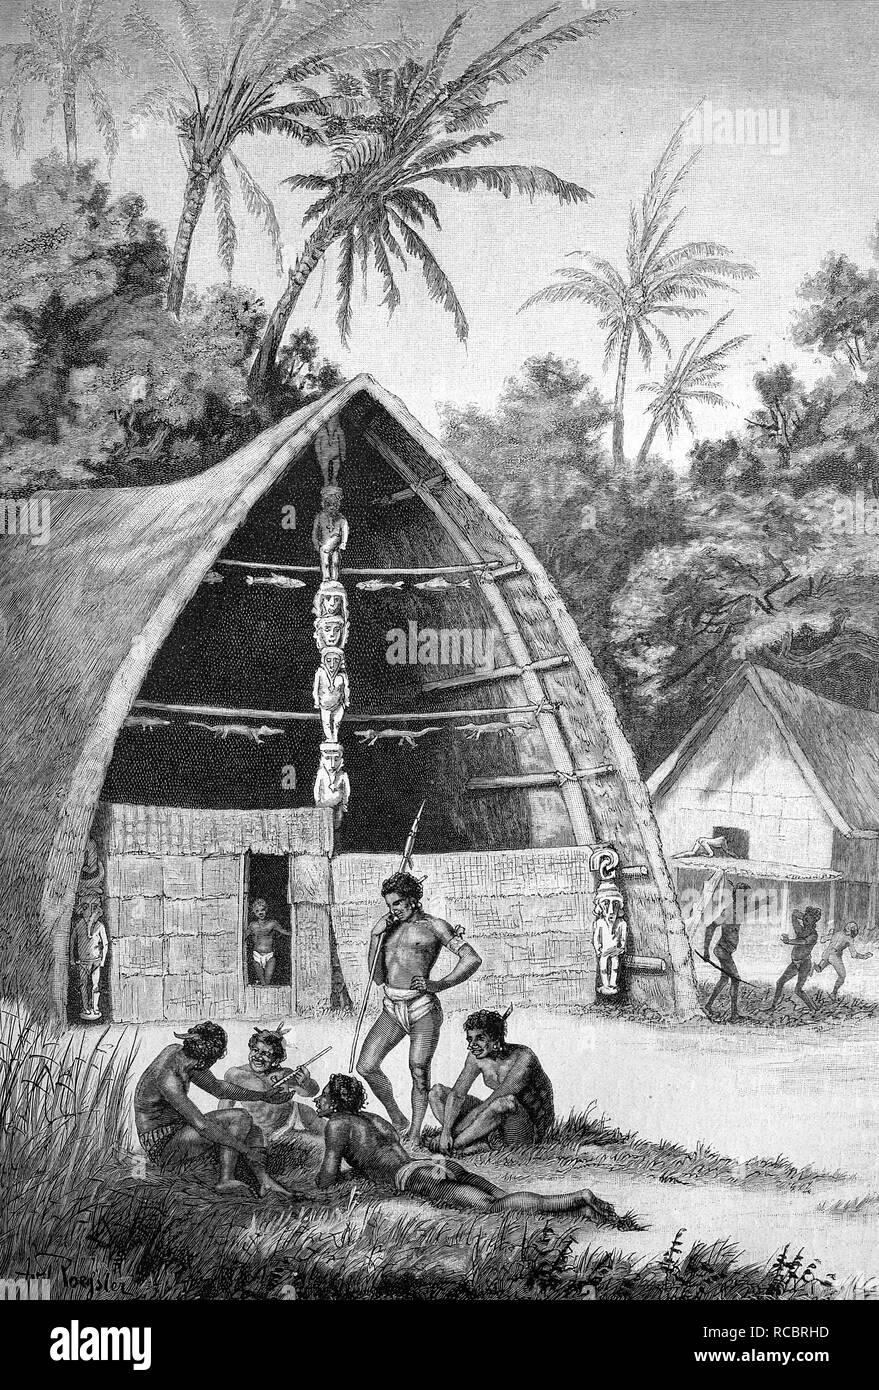 Bachelor house on Bilibili, Sulawesi, Indonesia, historical engraving, 1880 - Stock Image